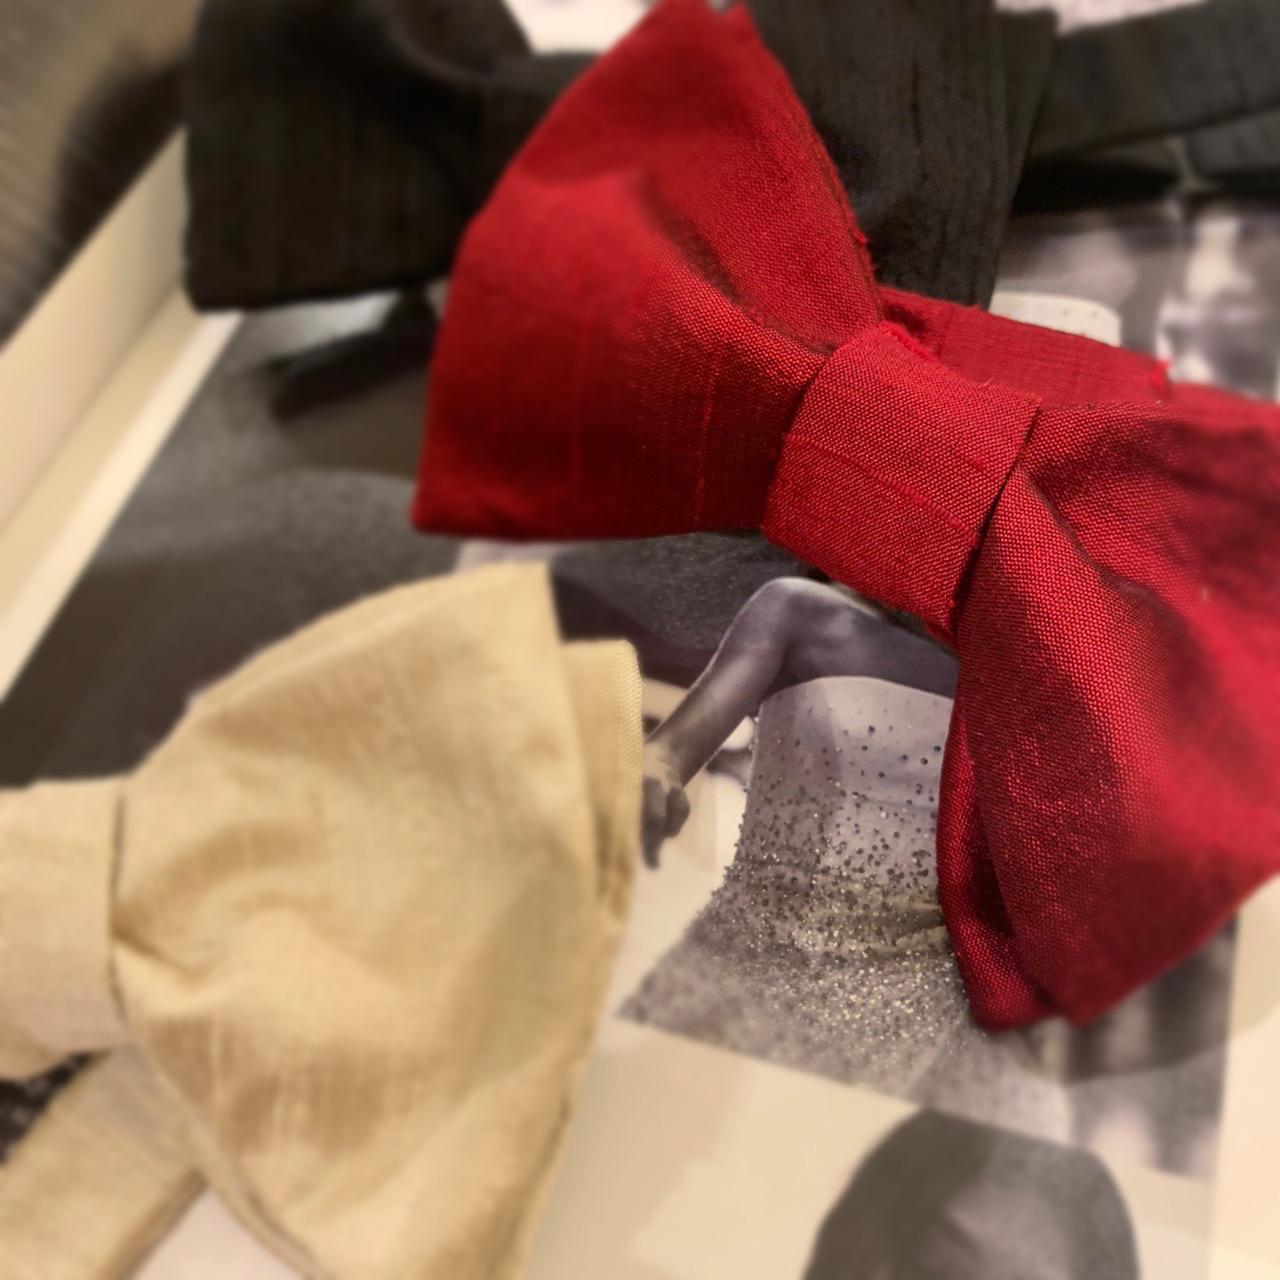 ザ・トリートドレッシングのタキシードに合わせるセブンフォールドの手結び蝶ネクタイ